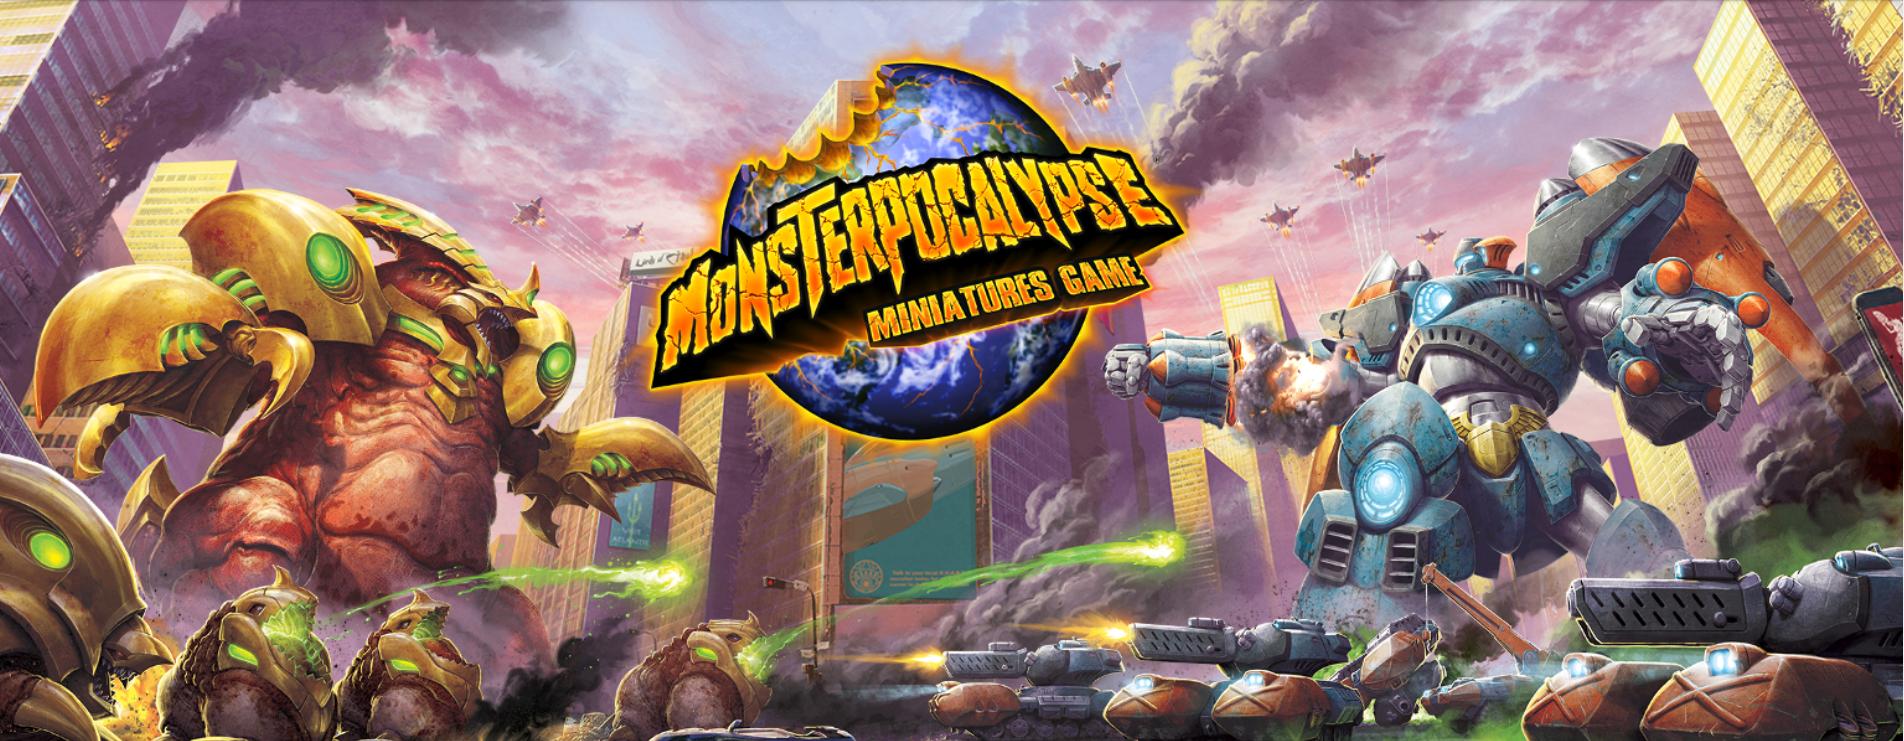 monsterpocalypse.png